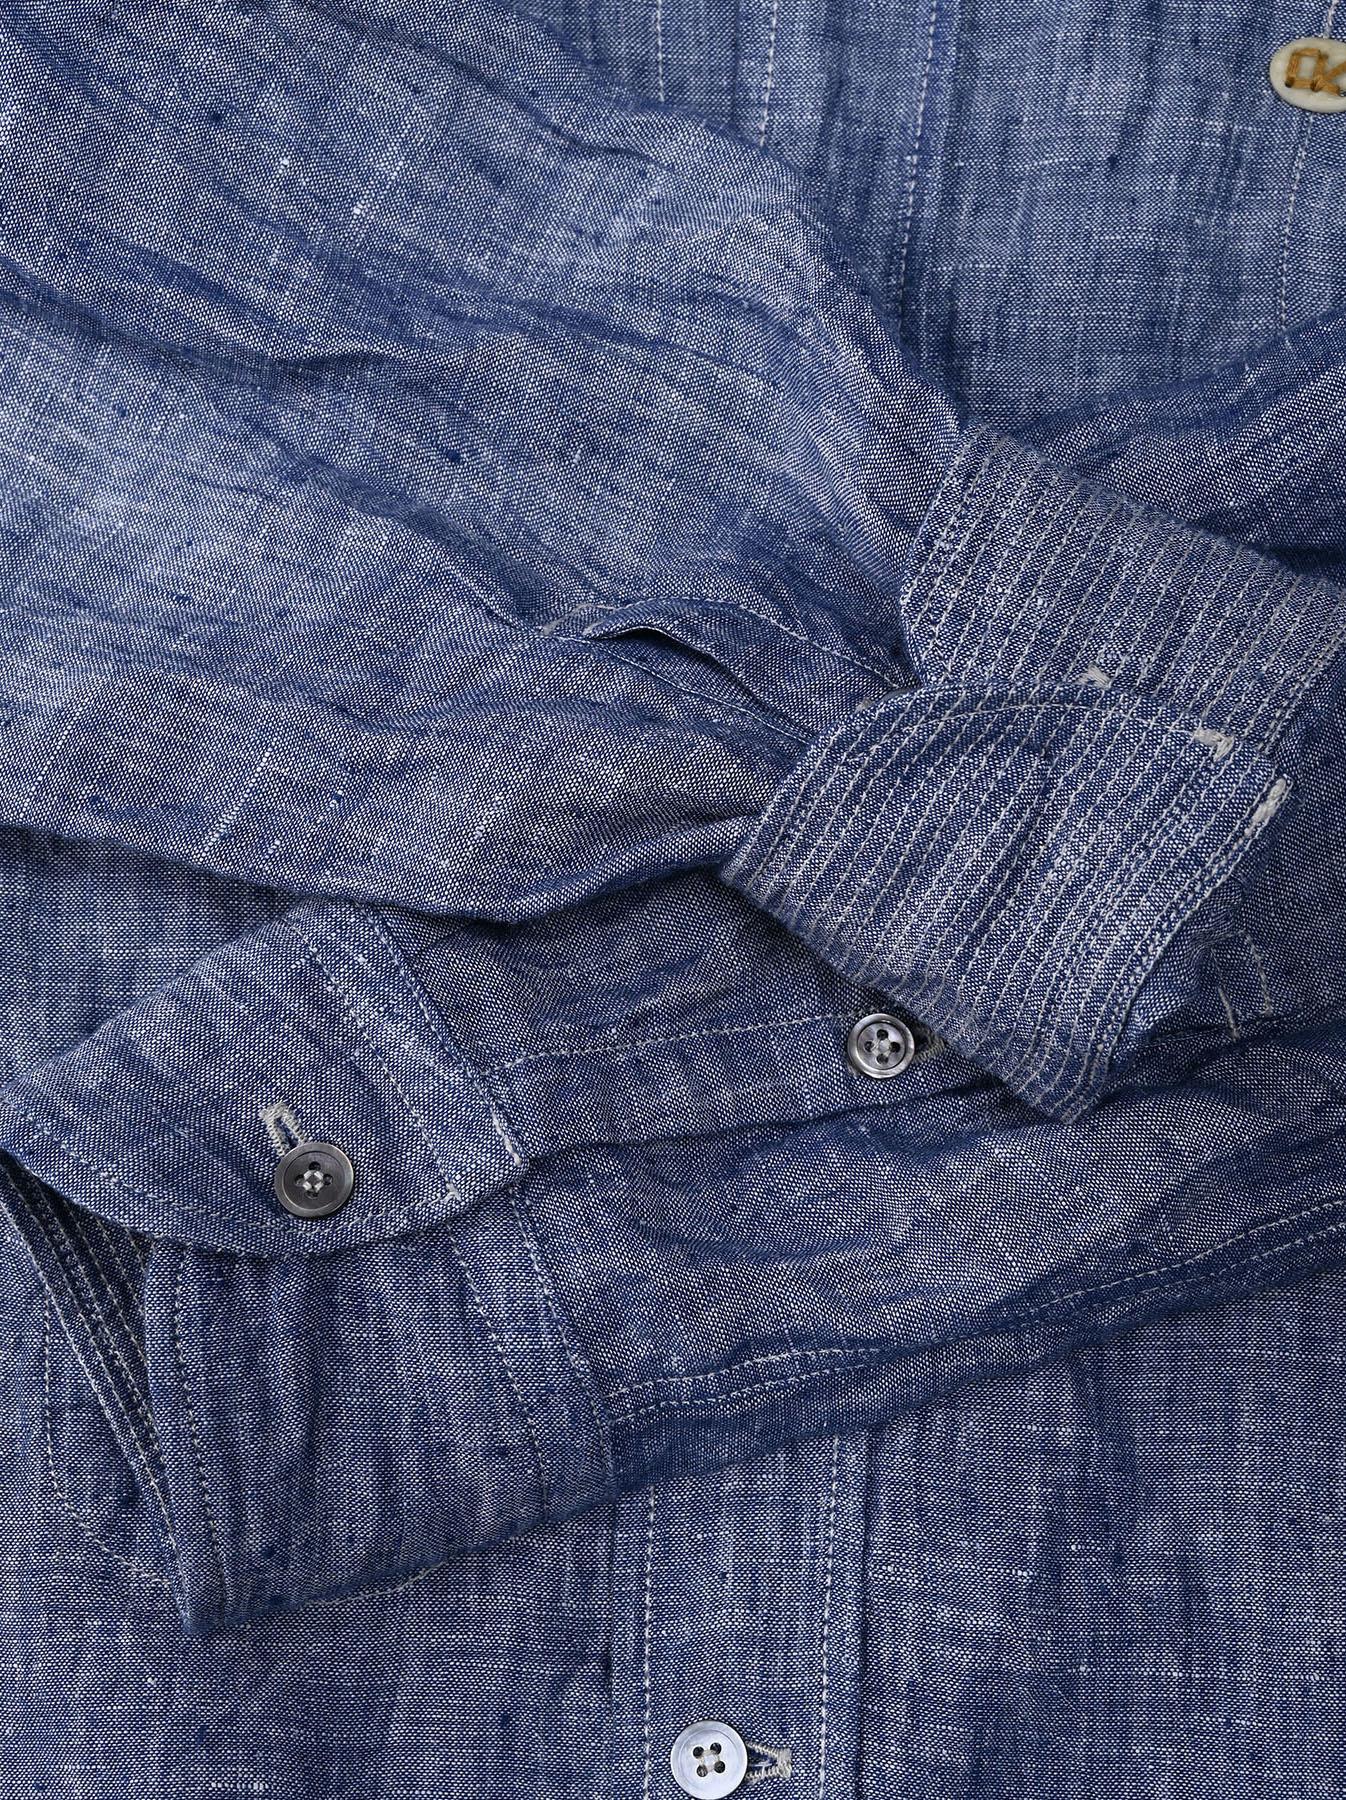 Indian Linen 908 Ocean Button Down Shirt (0421)-11